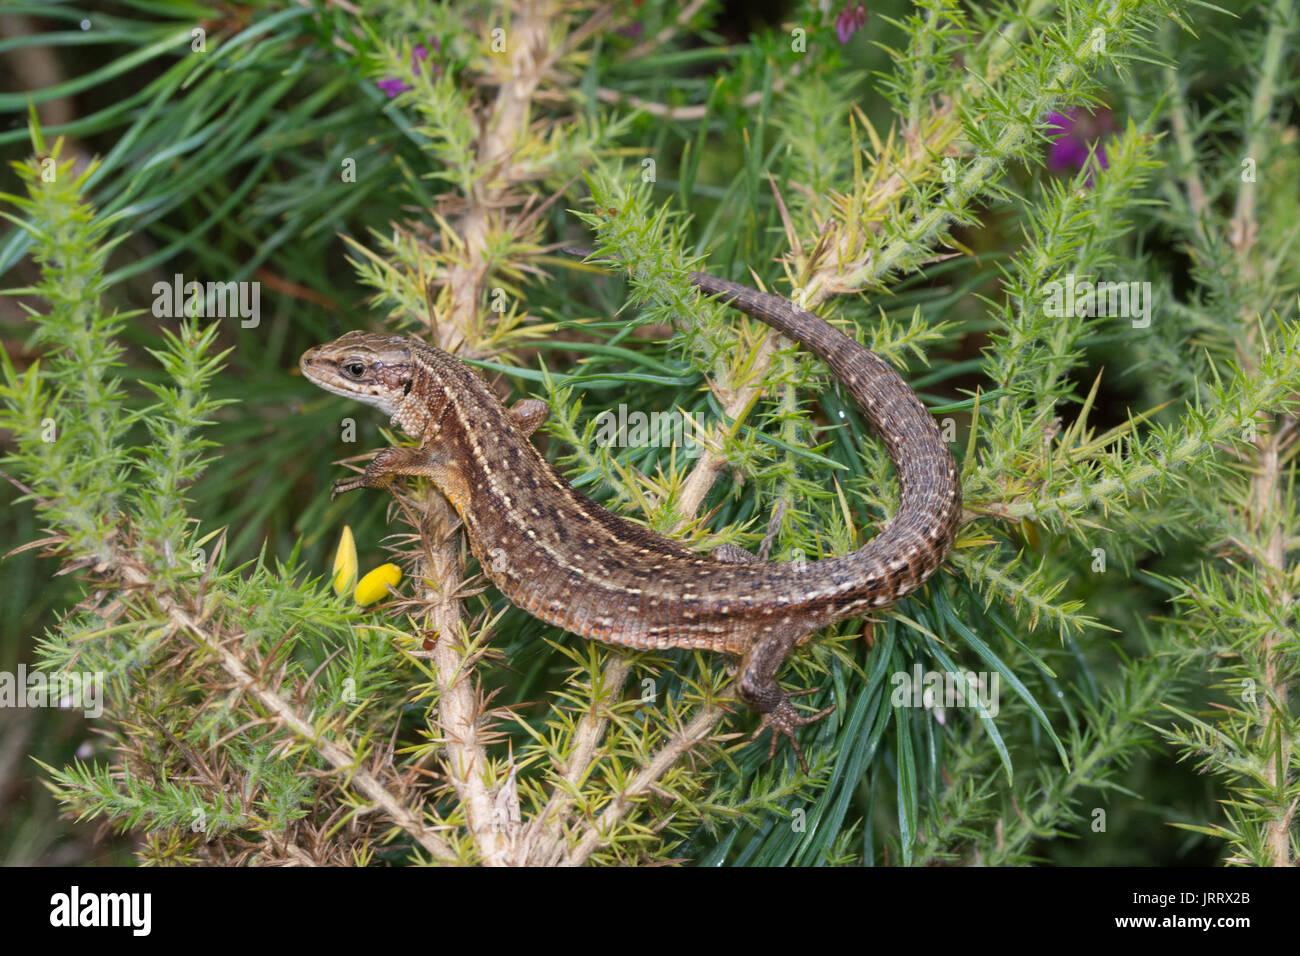 Gemeinsame Eidechse, auch als Vivipar Lizard (Zootoca Vivipara) Sonnenbaden auf den ginster Bush in Surrey, Großbritannien Stockfoto